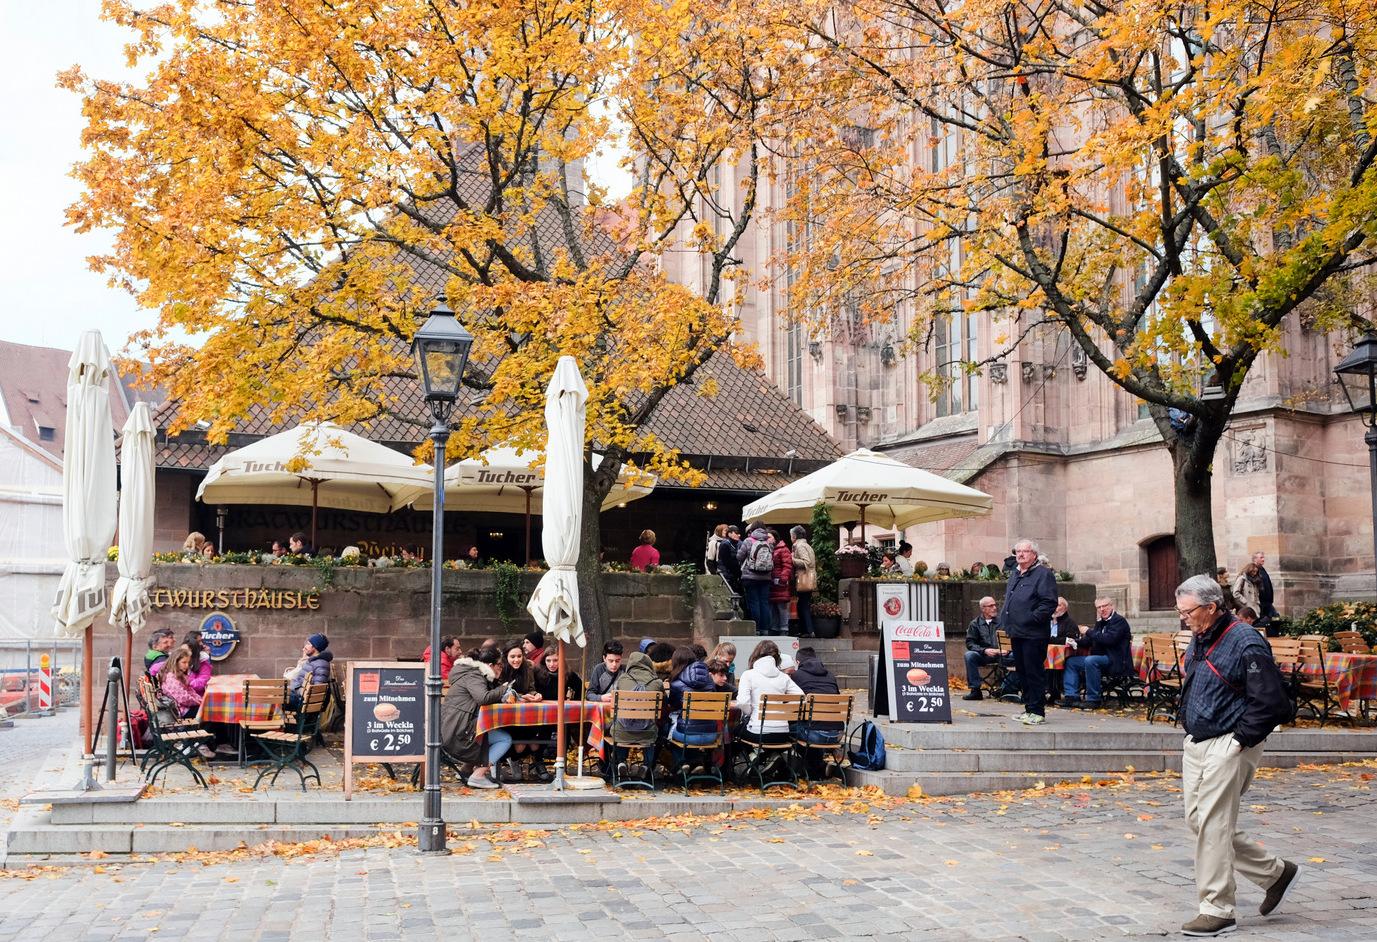 Rostbratwurst & Lebkuchen, Nuremberg, Germany